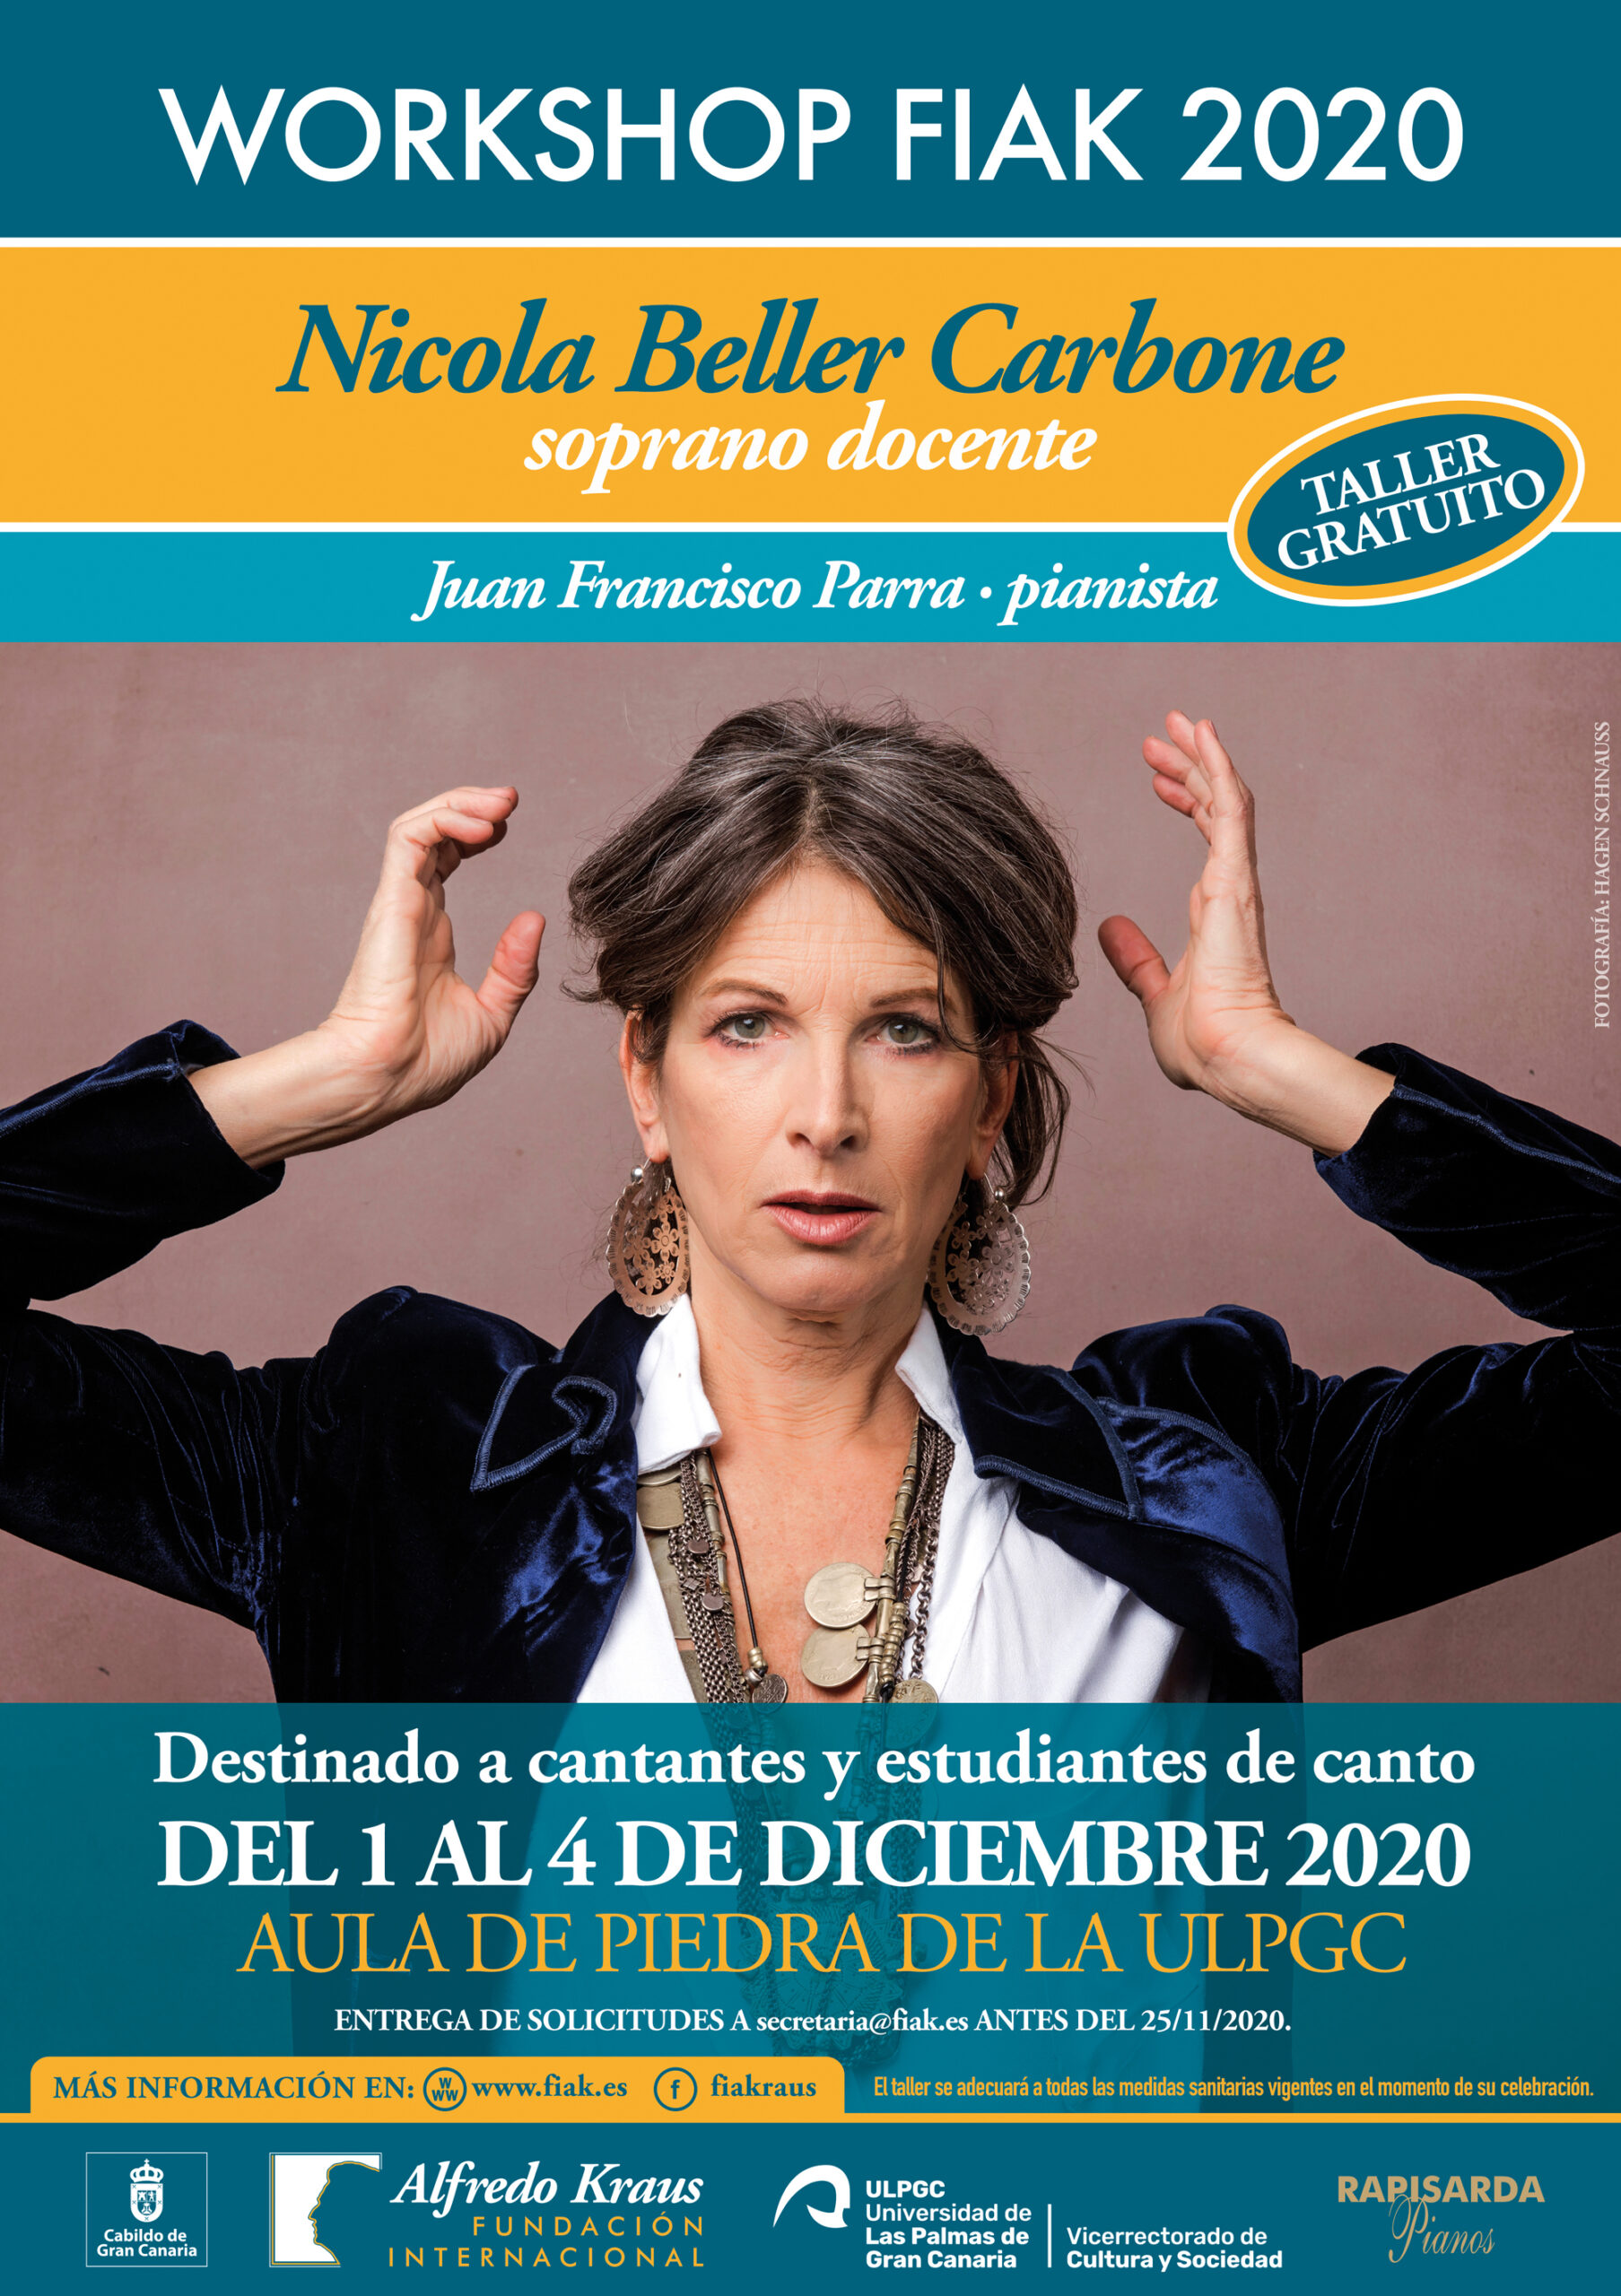 La Fundación Internacional Alfredo Kraus organiza la tercera edición del 'Workshop Fiak' a cargo de la soprano Nicola Beller Carbone